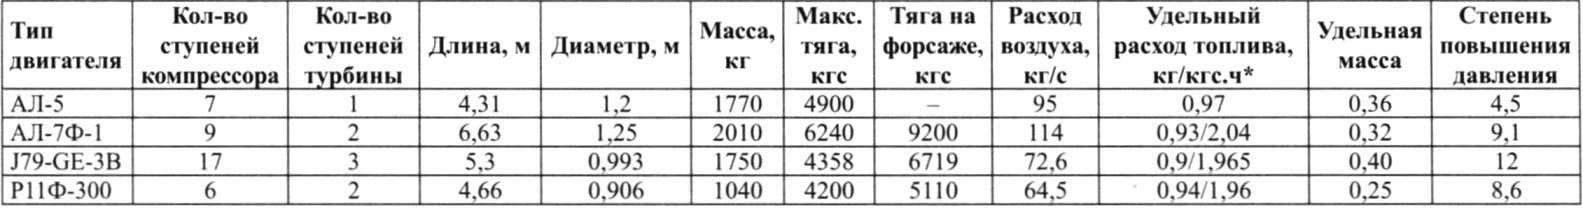 Таблица сравнительных характеристик ТРД самолётов Су-7, F-104A и МиГ-21Ф